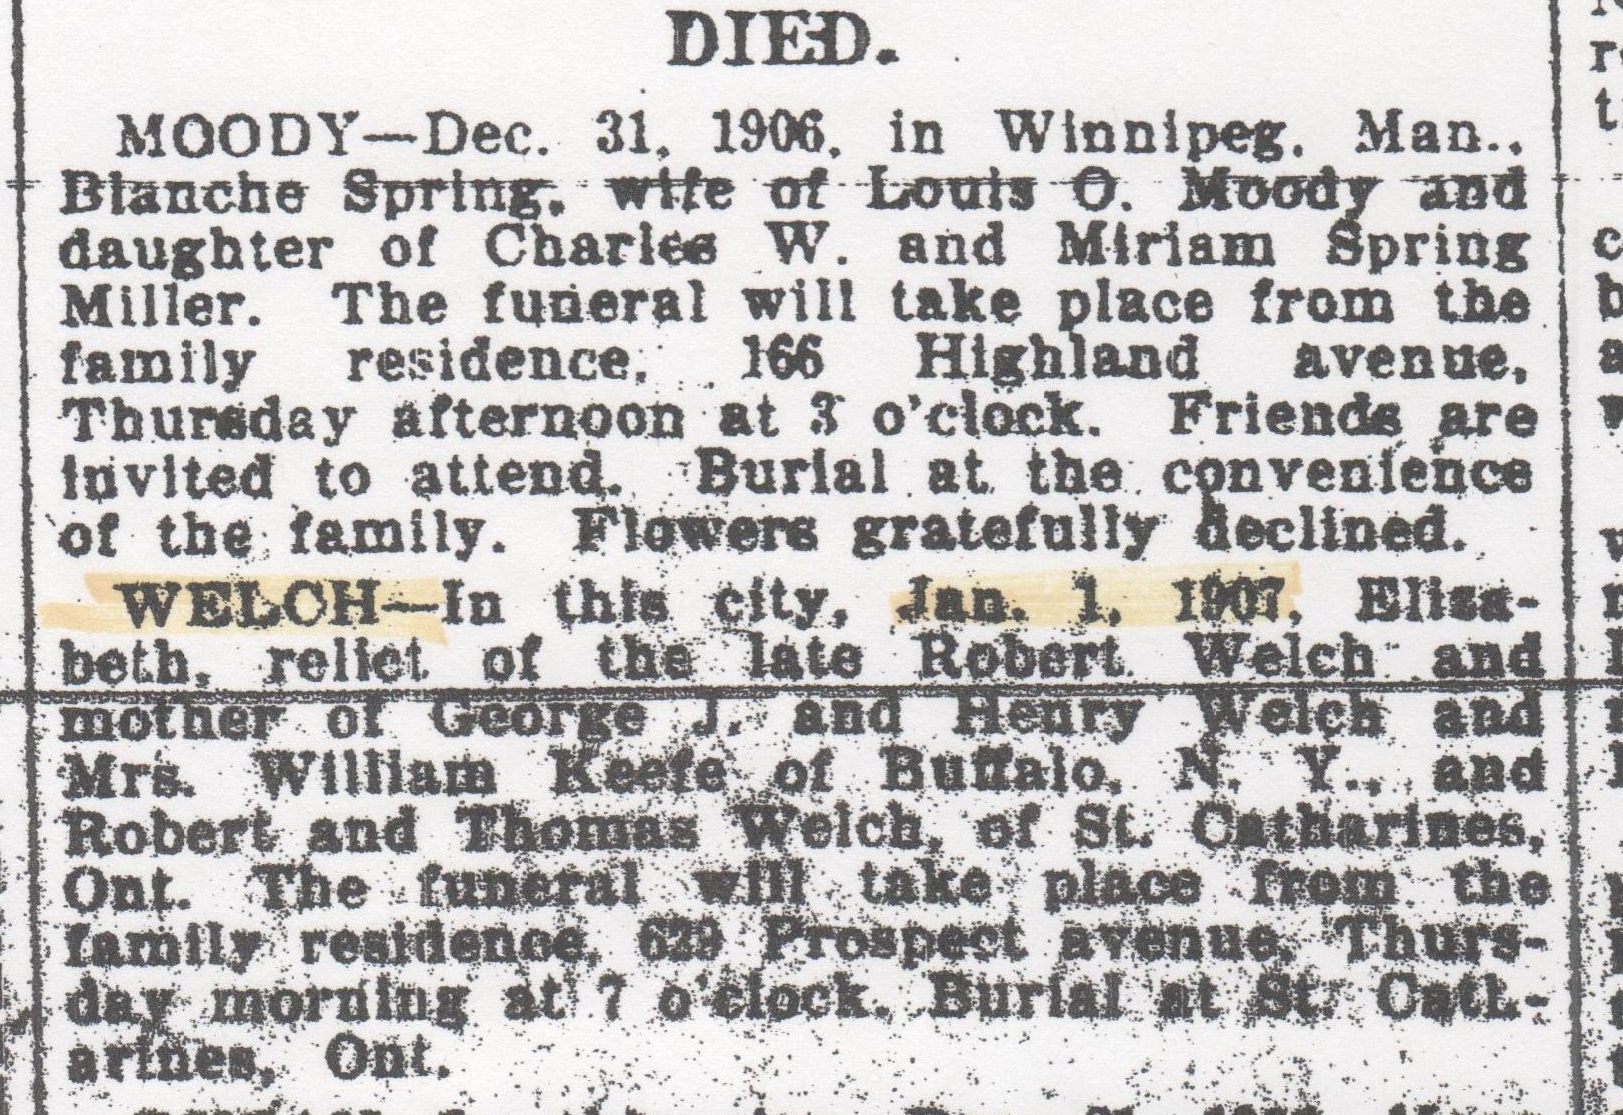 elizabeth-welch-obit-buffalo-evening-news-wed-2-jan-1907-crop